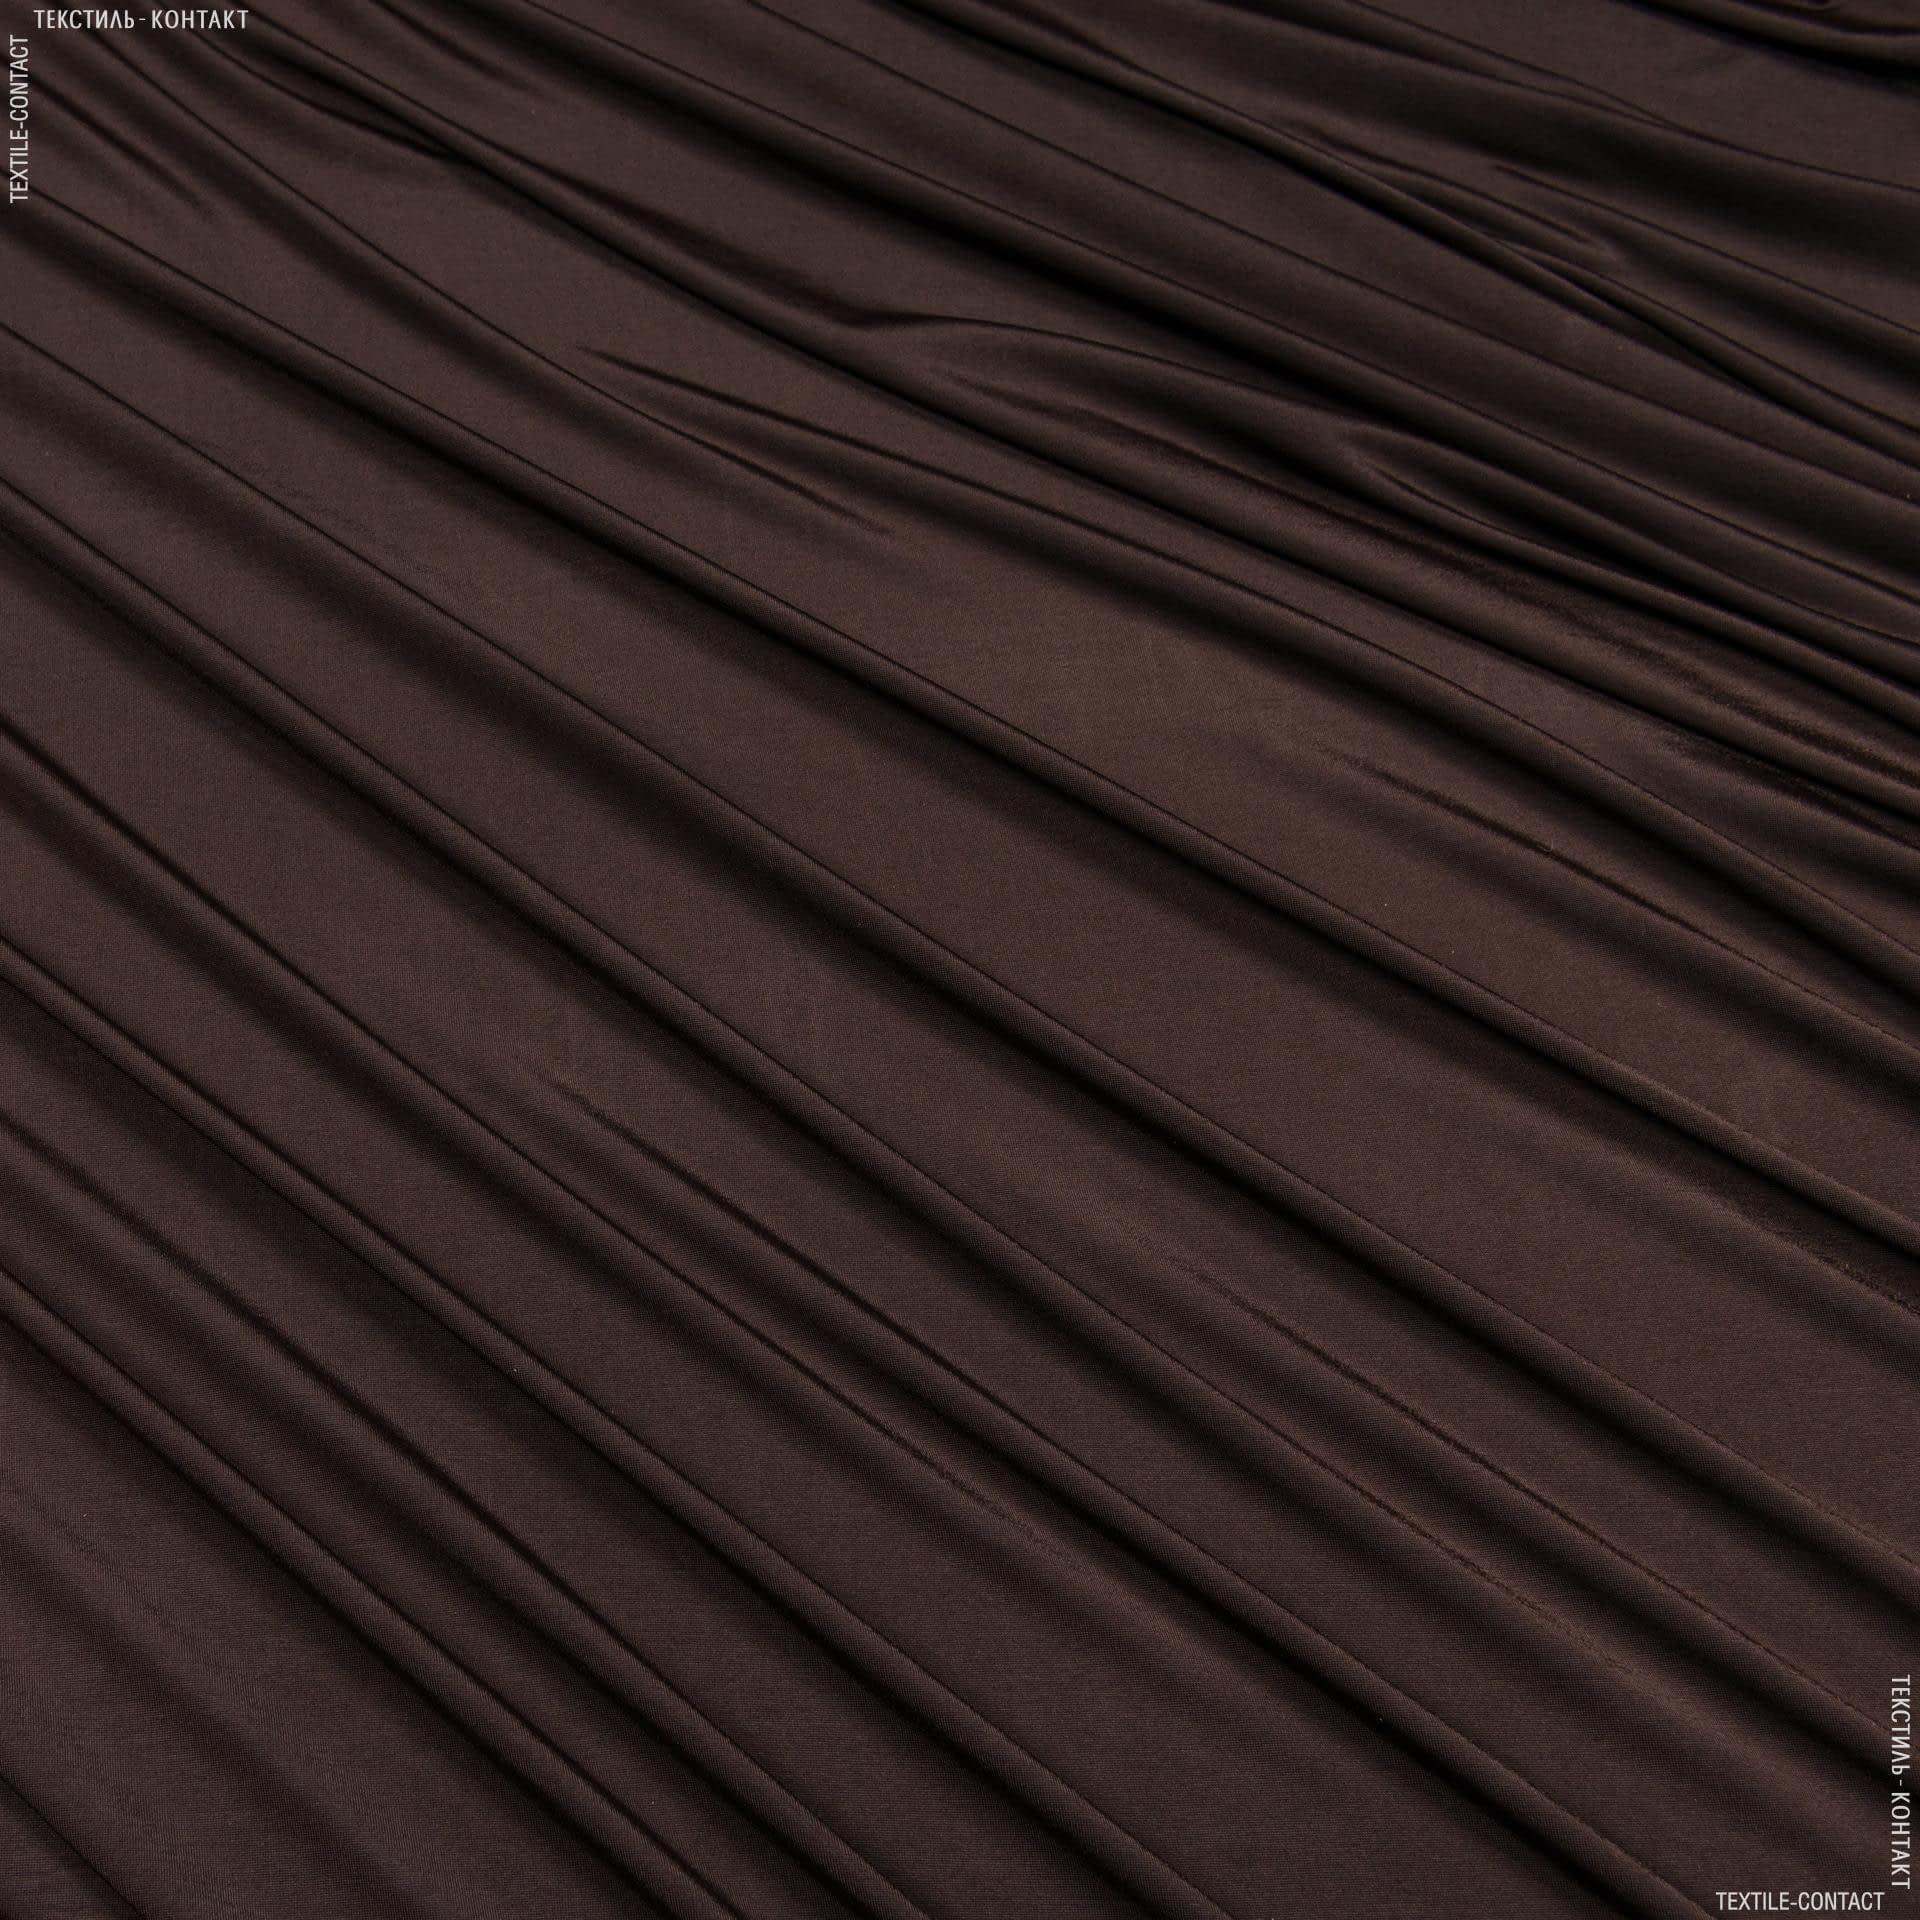 Ткани для платьев - Трикотаж масло темно-коричневый